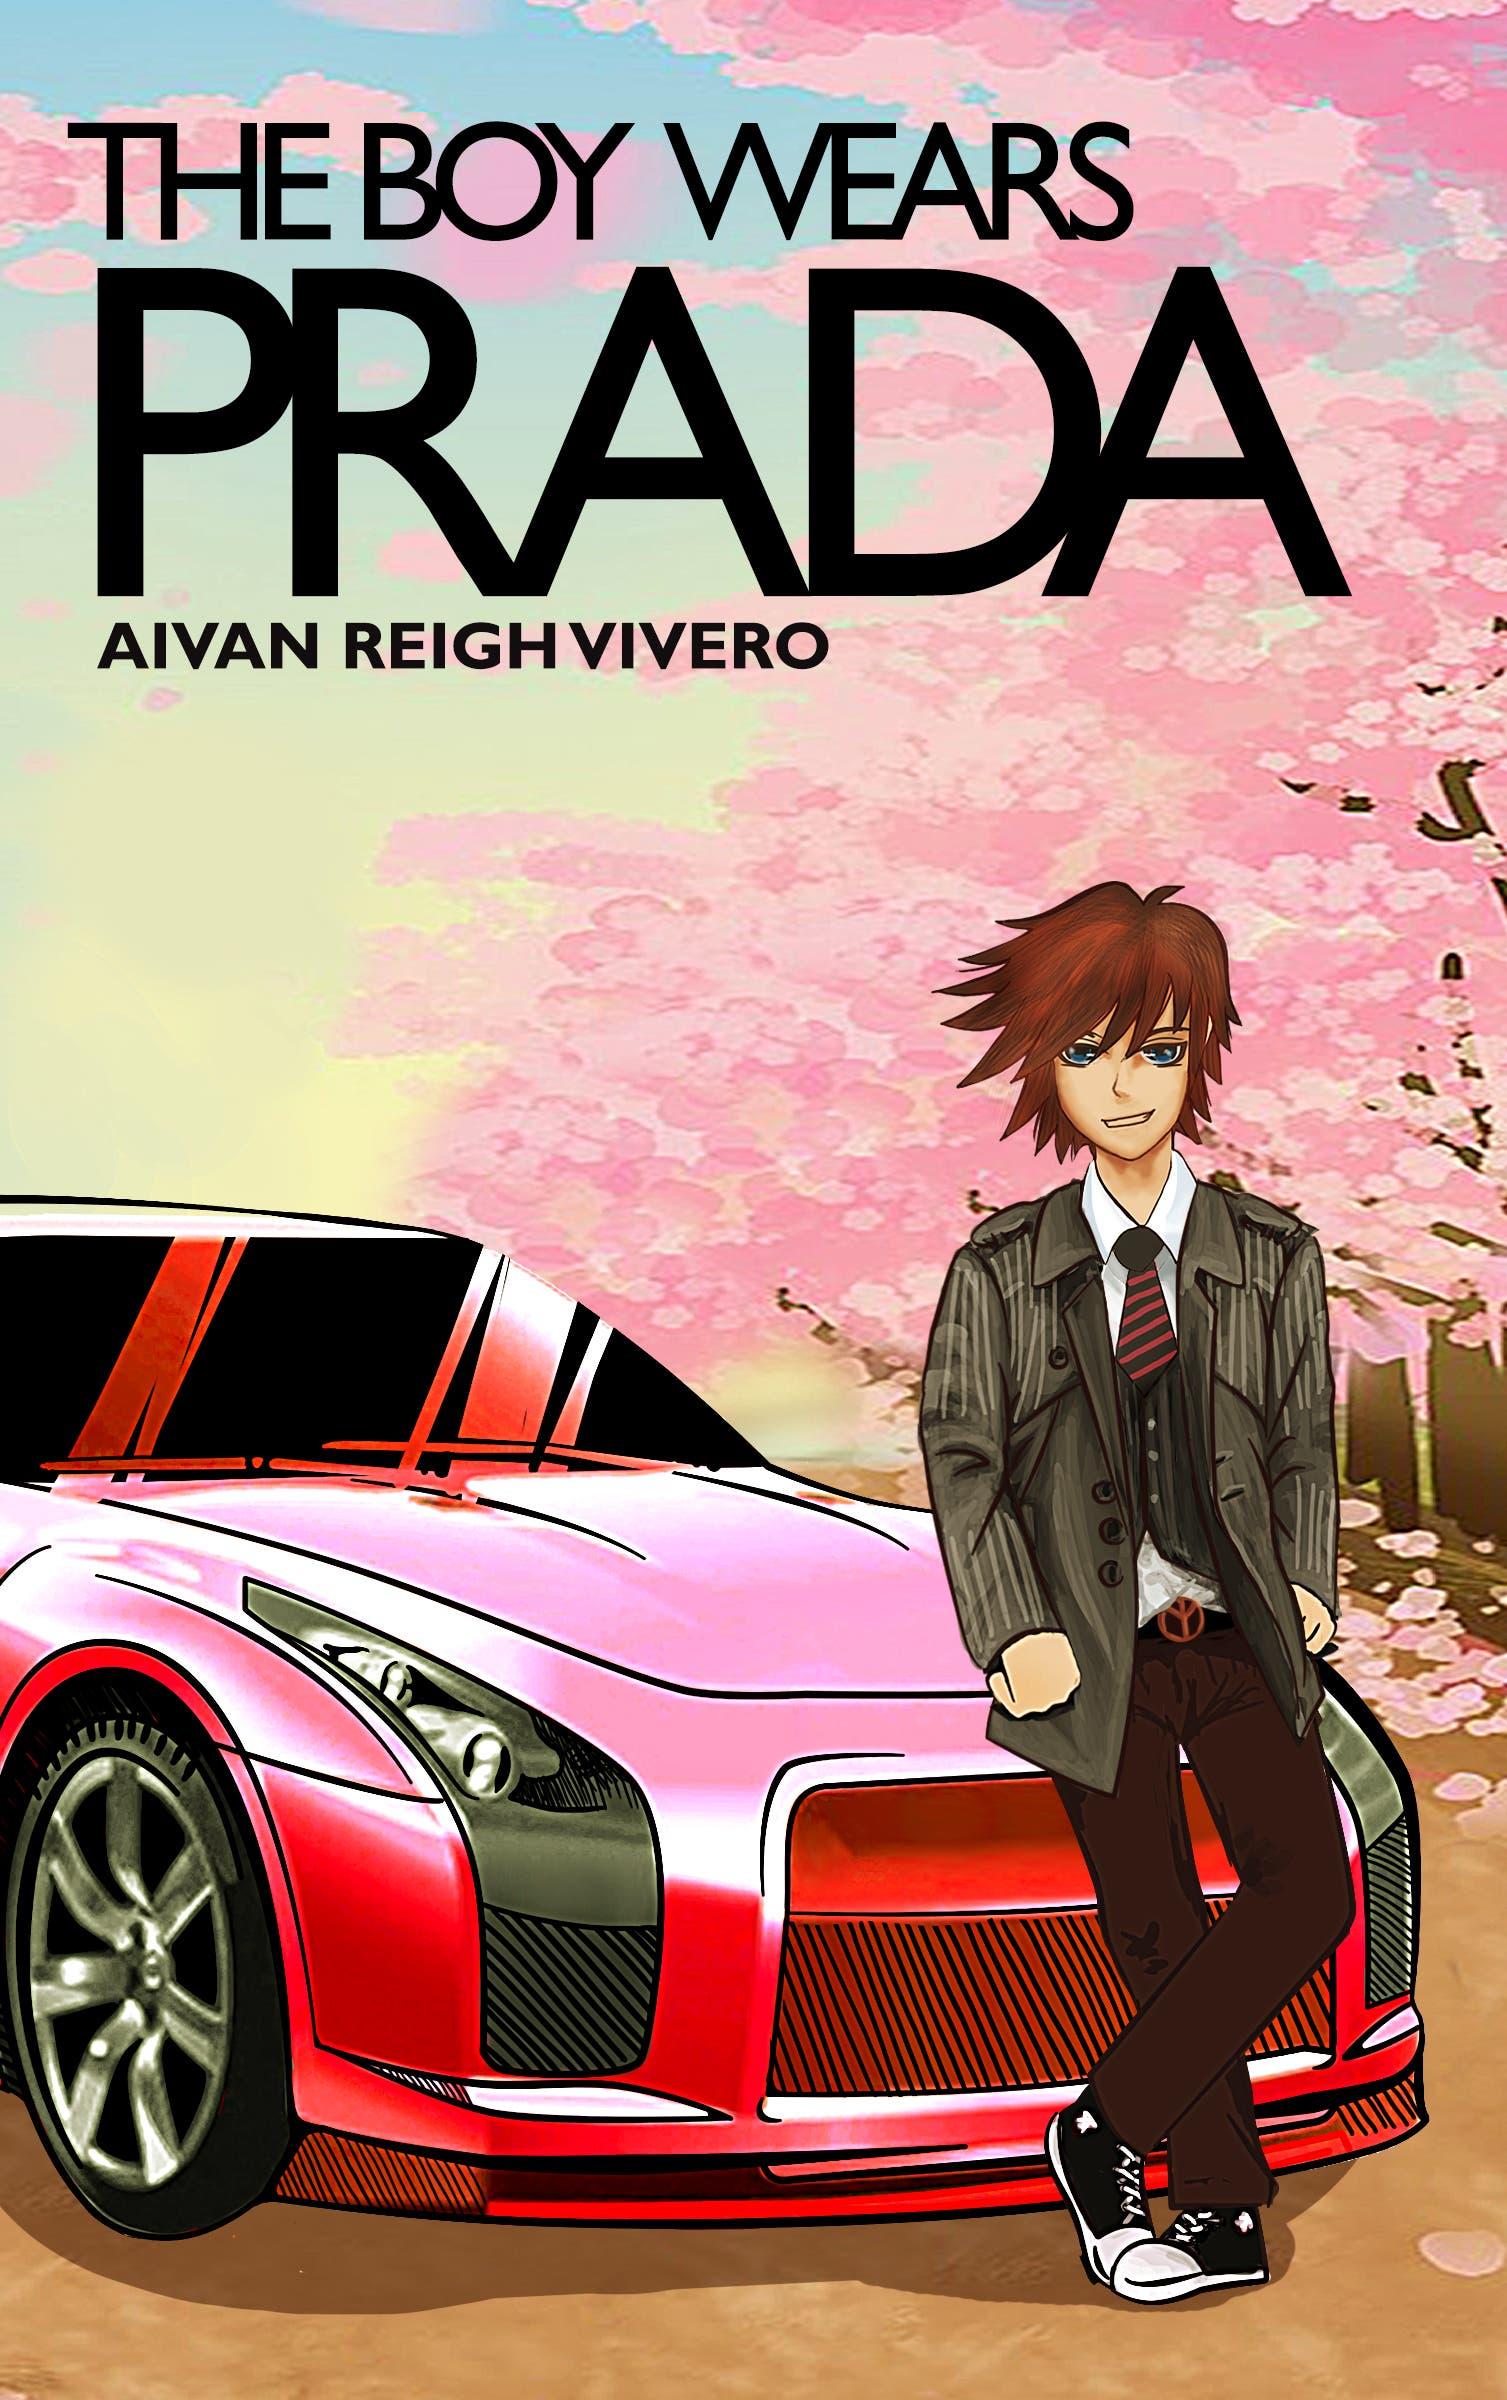 Boy-Wears-Prada